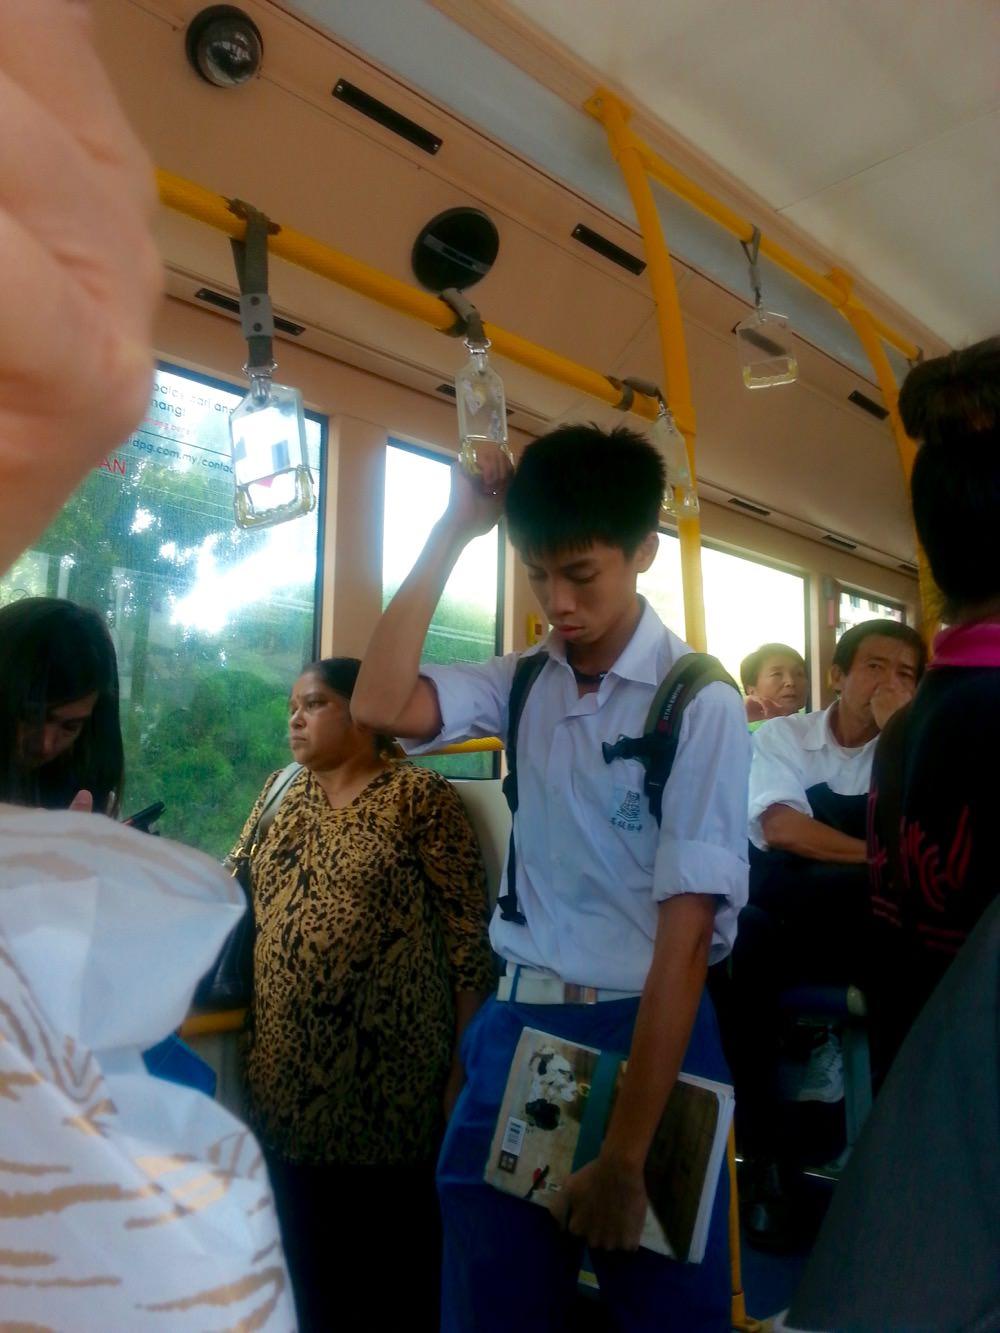 Autobuz Malezia Insula Penang